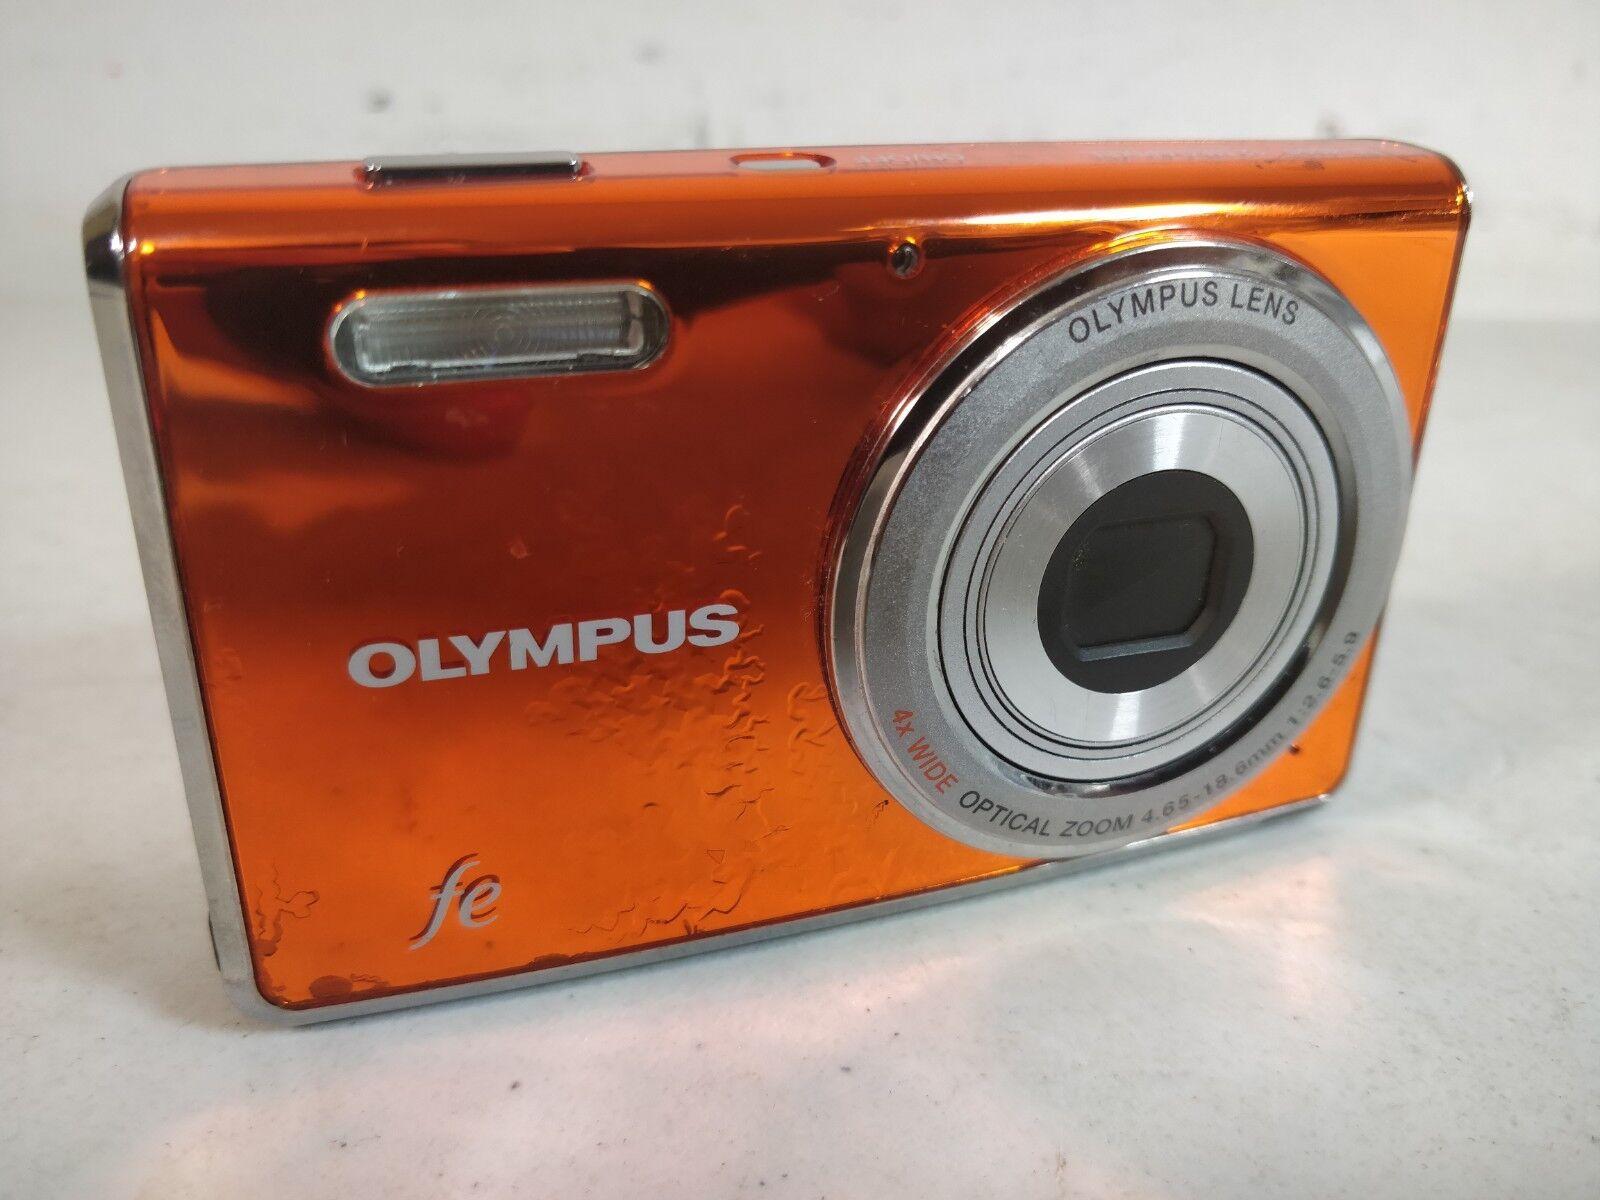 Harga Dan Spesifikasi Generic Finx 418 Jam Tangan Fashion Masa Kini Swatch Original 100  Yes4008 Go Red Black Ampamp Daftar Olympus Tg 4 Kamera Pocket Terbaru 2018